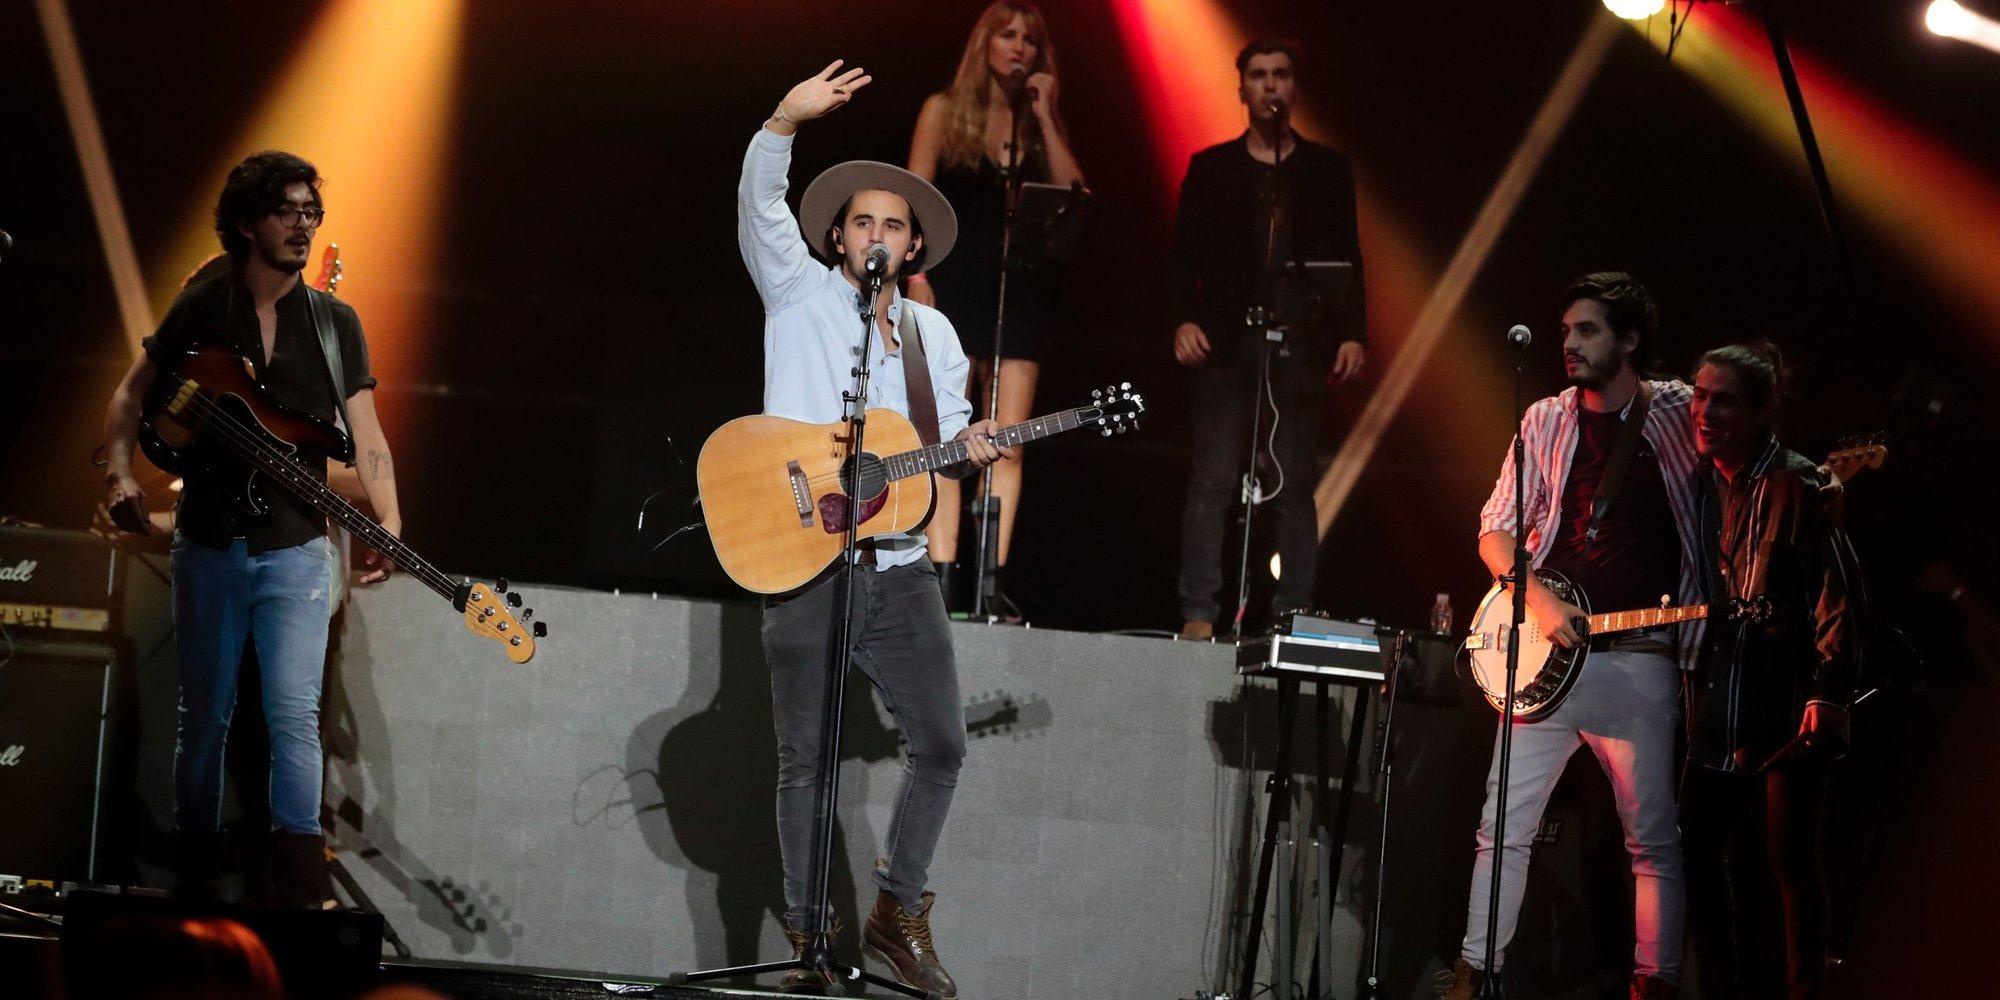 Bad Gyal, Morat y Dua Lipa traen las novedades musicales de la semana